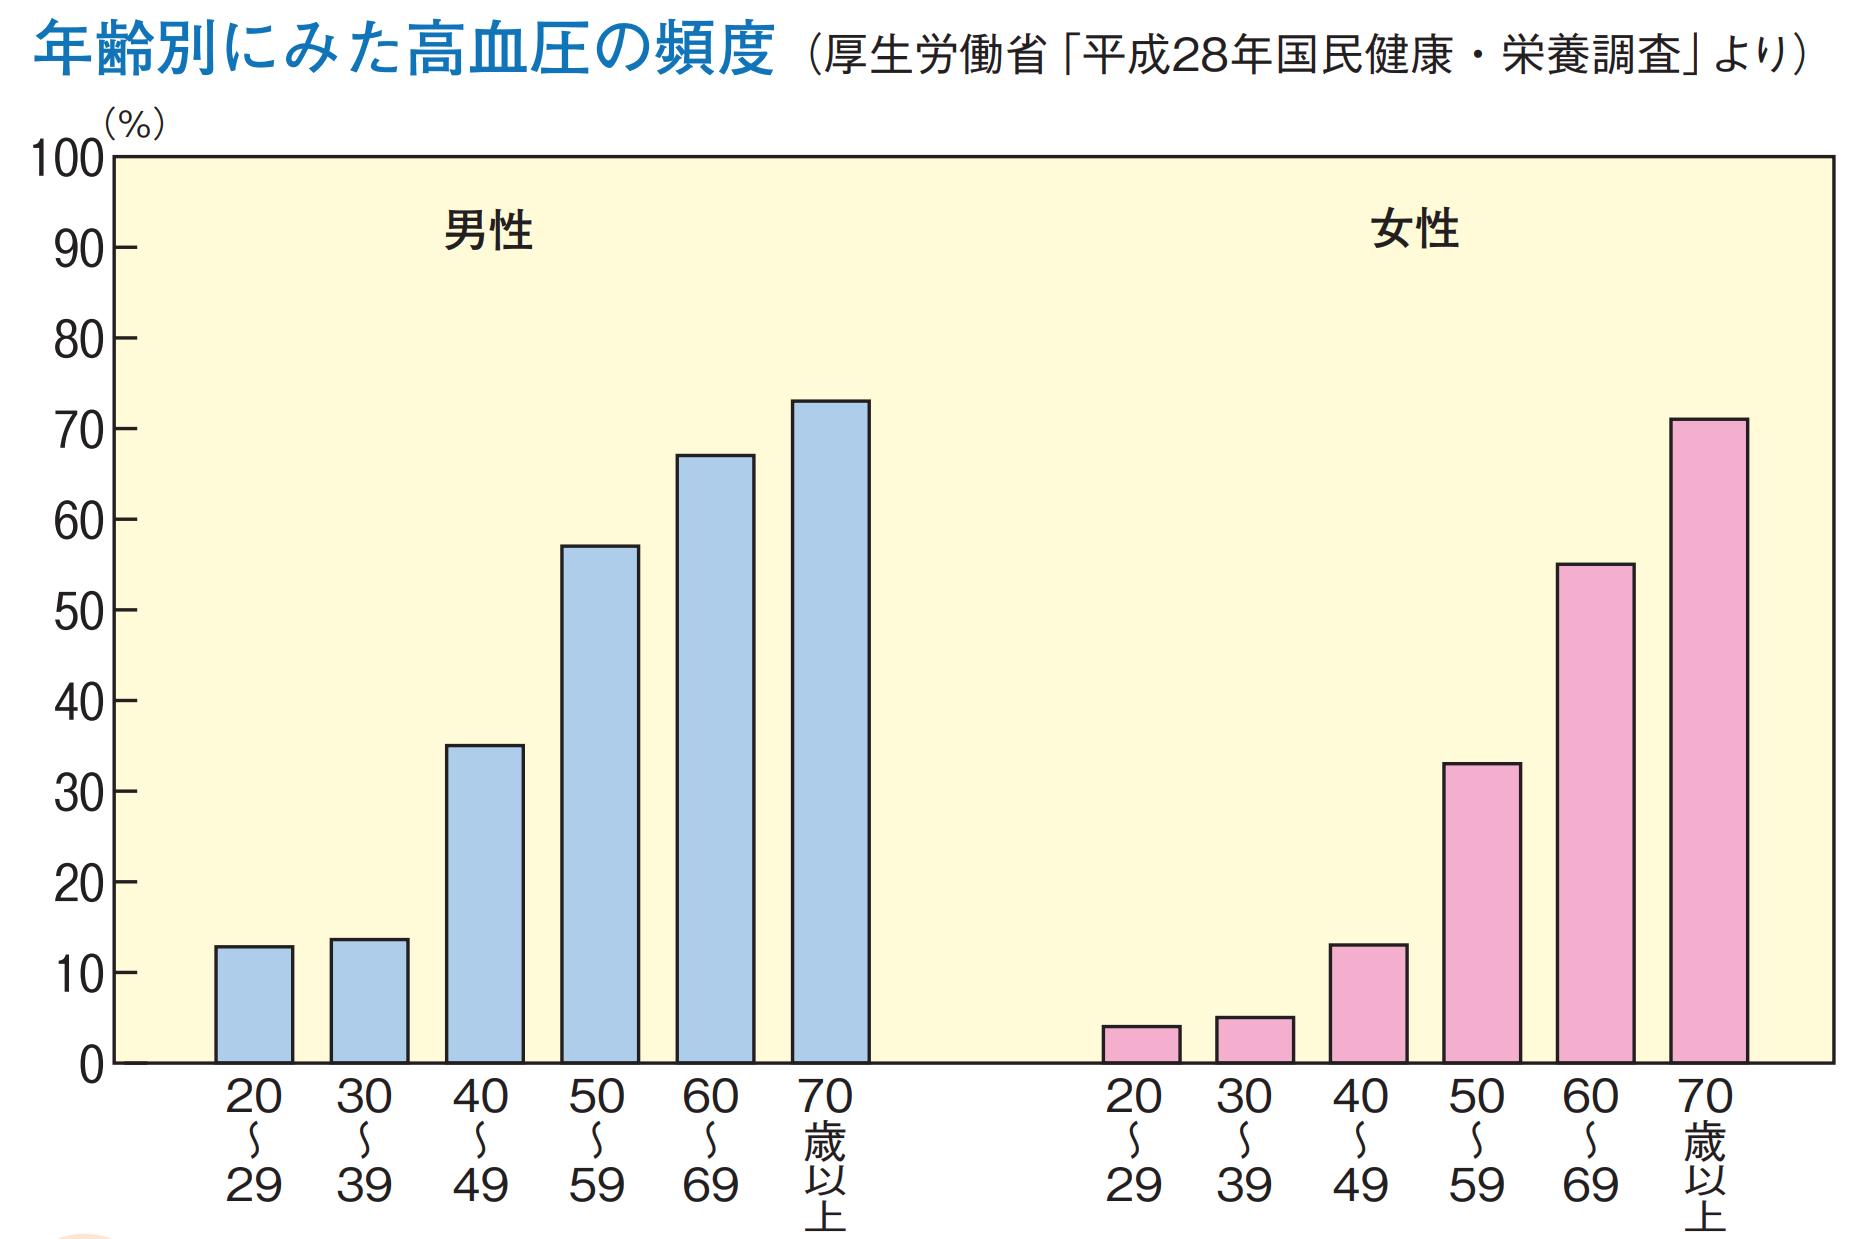 年齢別にみた高血圧の頻度(厚生労働省「平成28年国民健康・栄養調査」より)